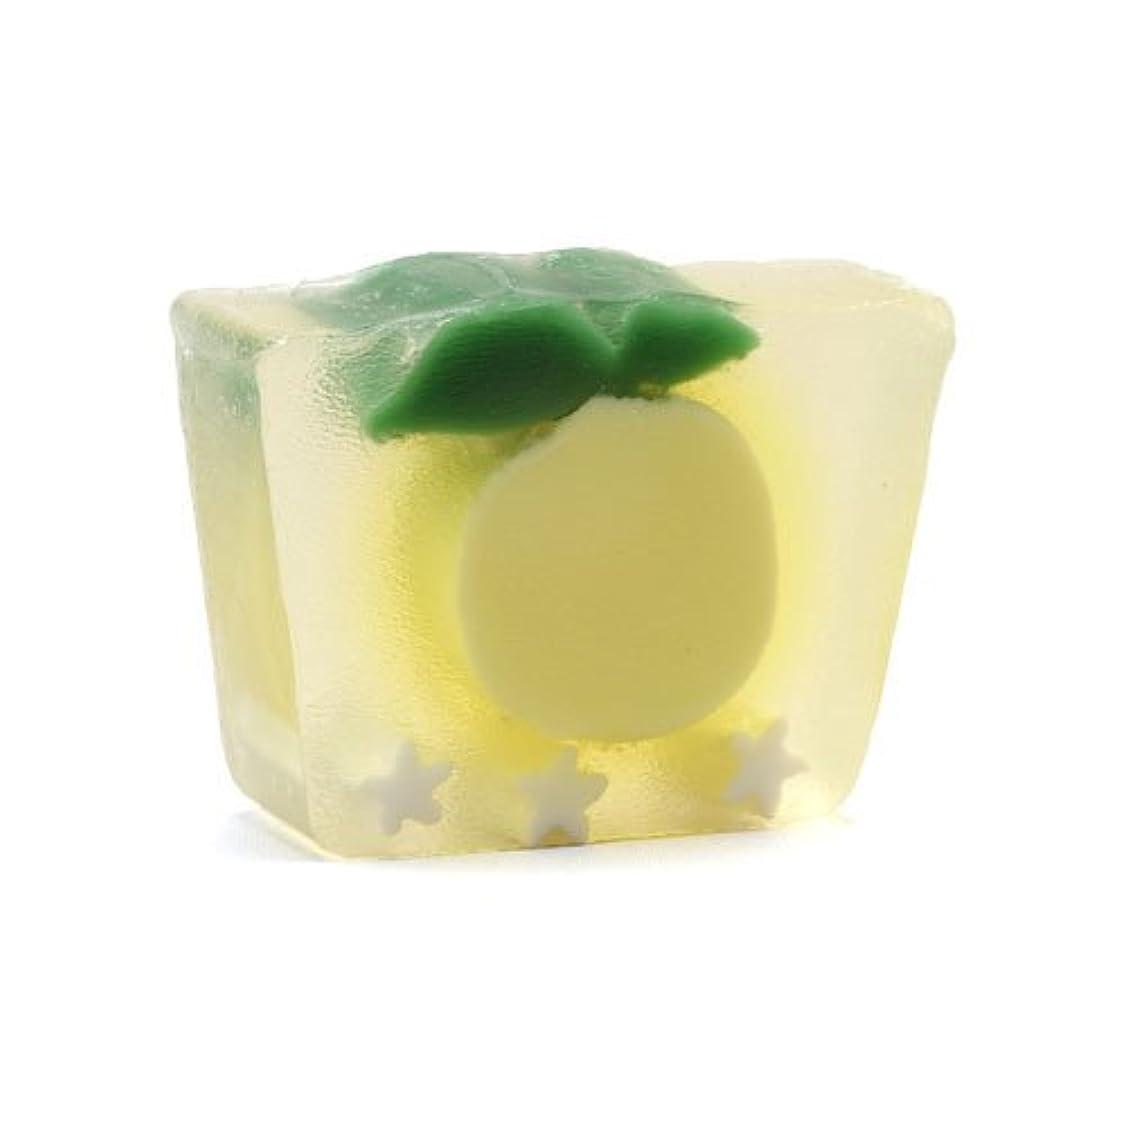 出撃者遷移ミルプライモールエレメンツ アロマティック ミニソープ カリフォルニアレモン 80g 植物性 ナチュラル 石鹸 無添加